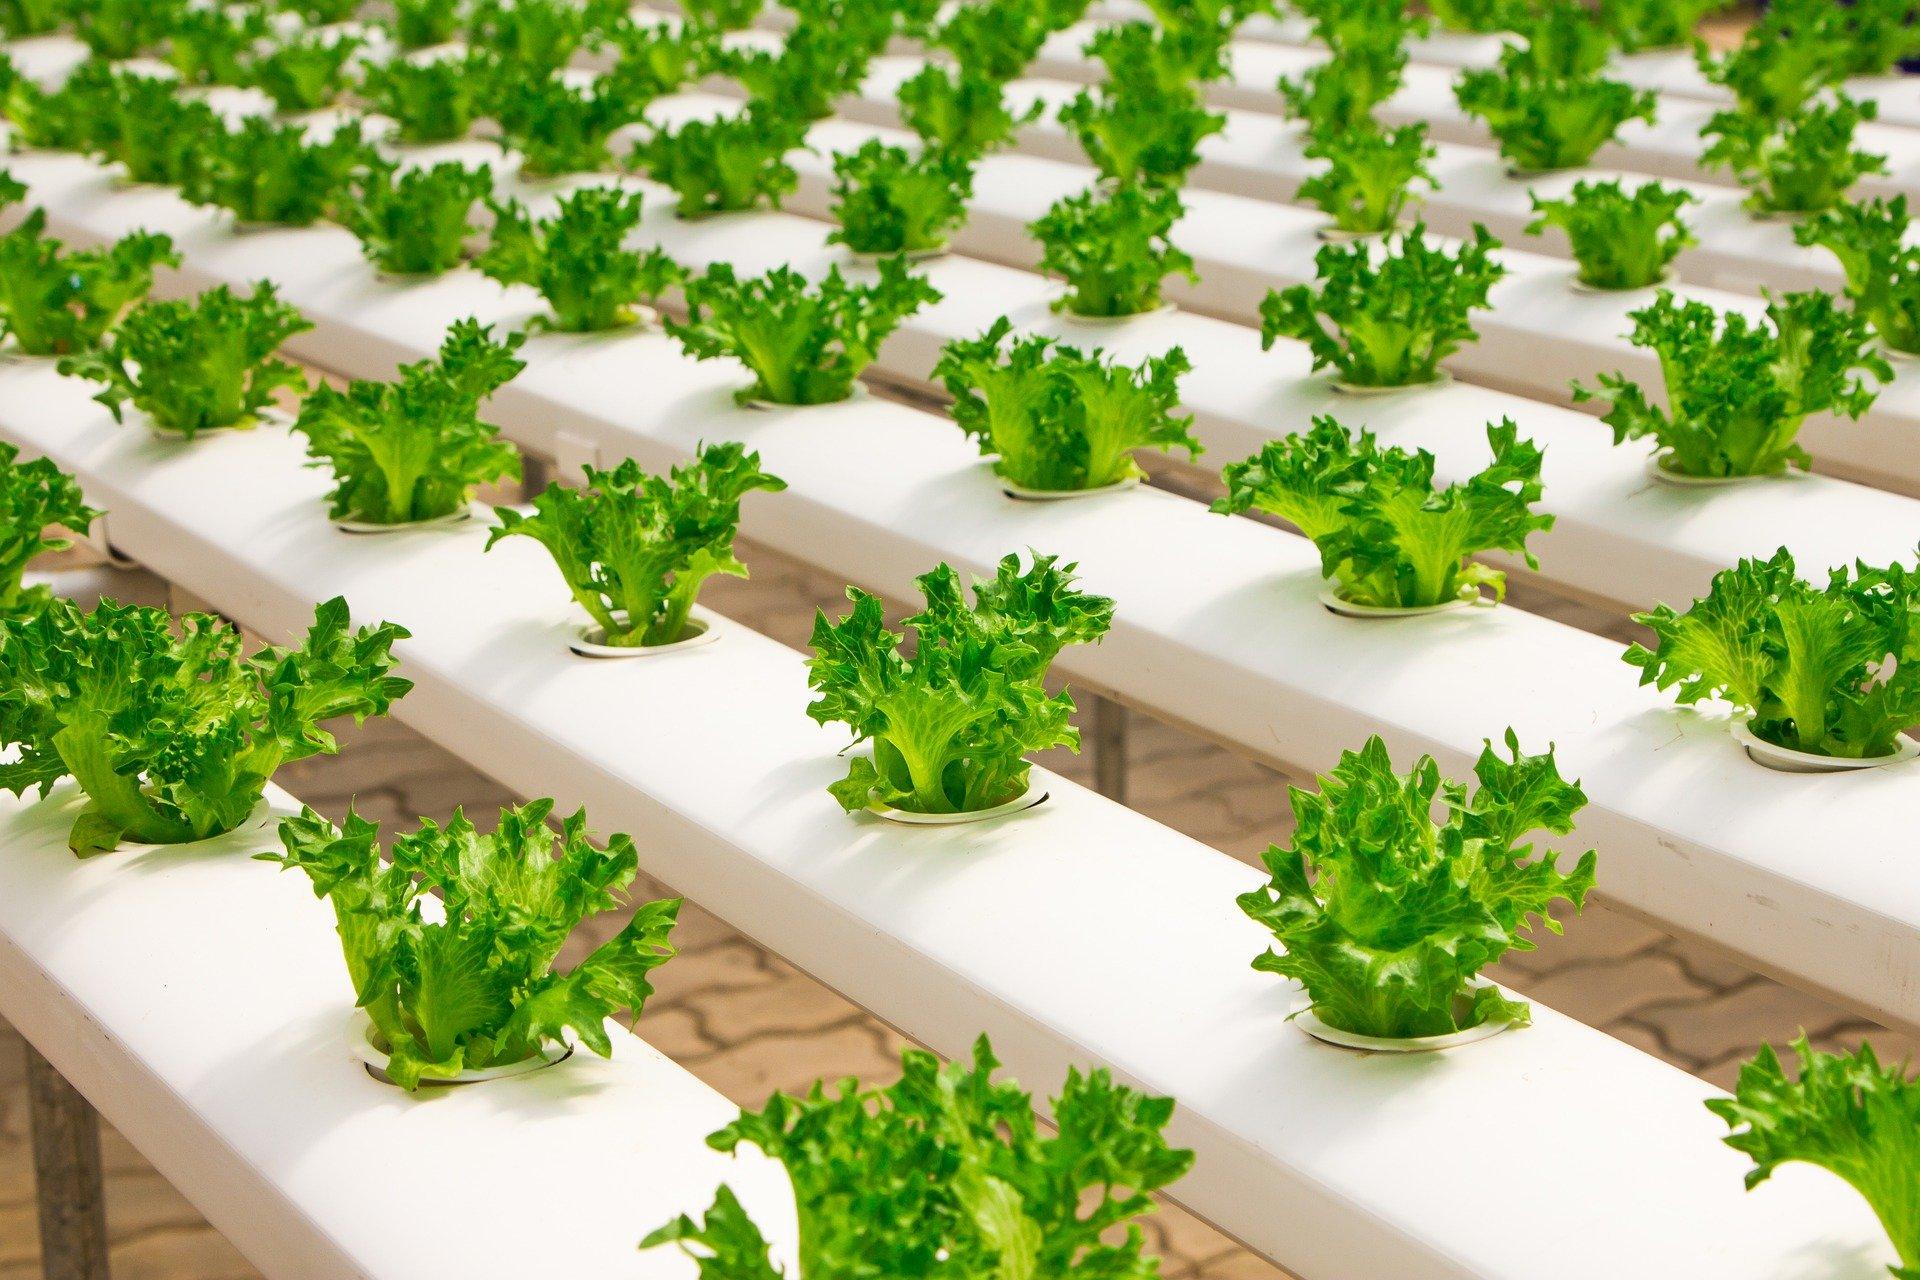 Agricoltura, ad Enna coltivazioni idroponiche nei palazzi